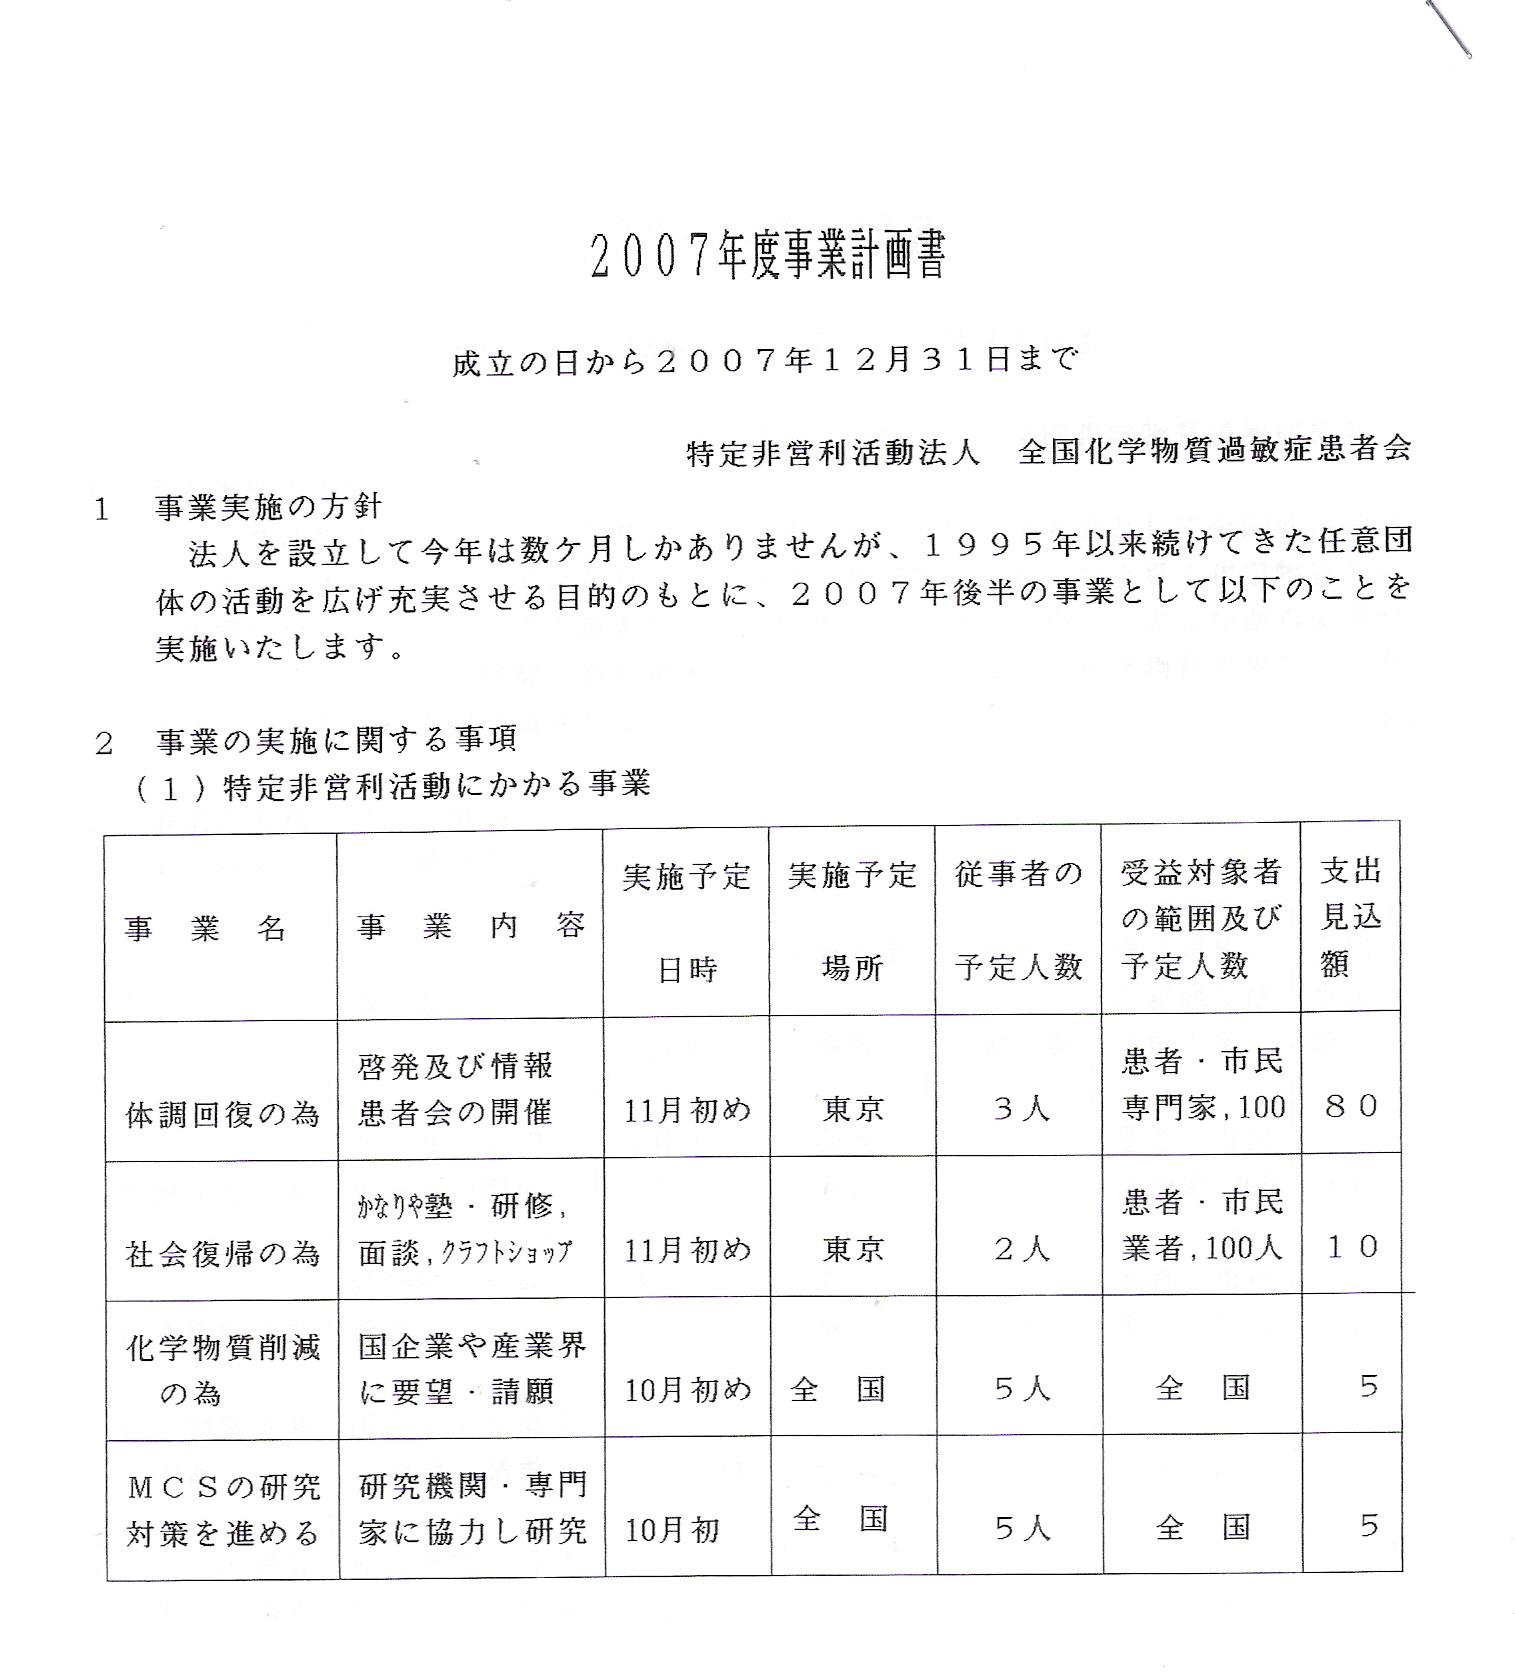 【2007年度事業計画書】12月31日まで